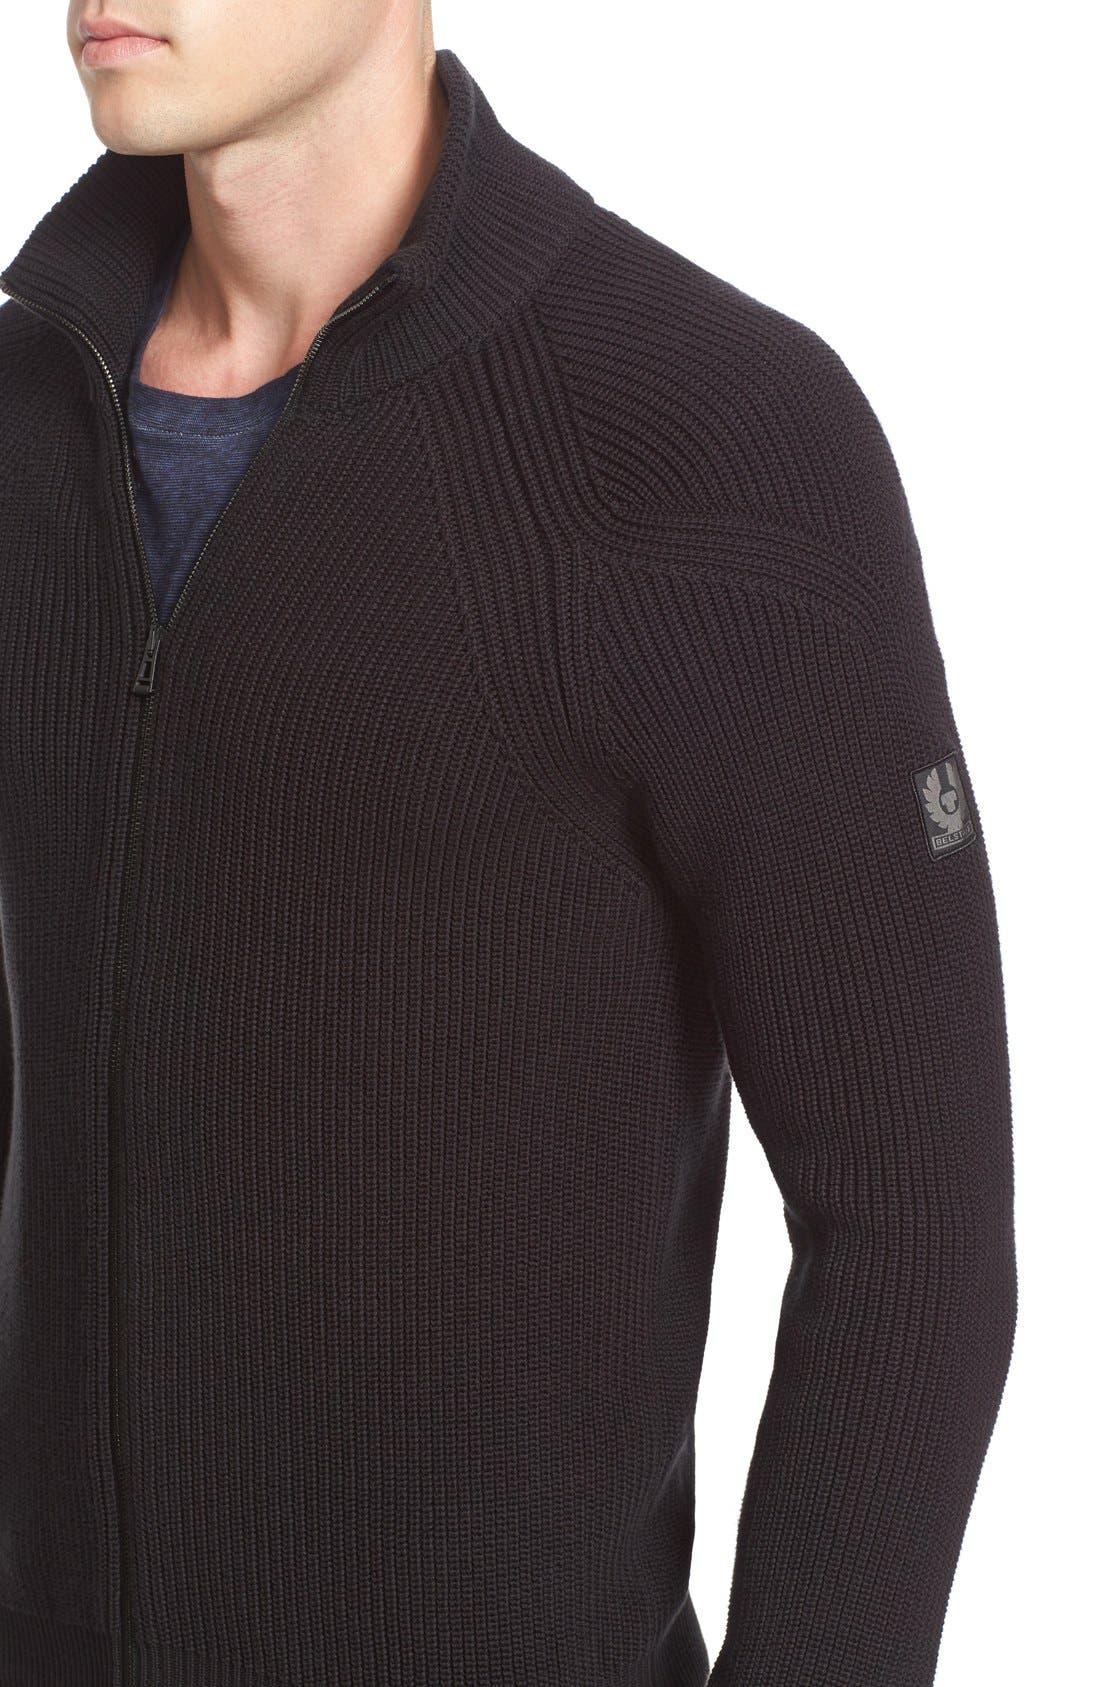 Parkgate Zip Front Mock Neck Sweater,                             Alternate thumbnail 4, color,                             001